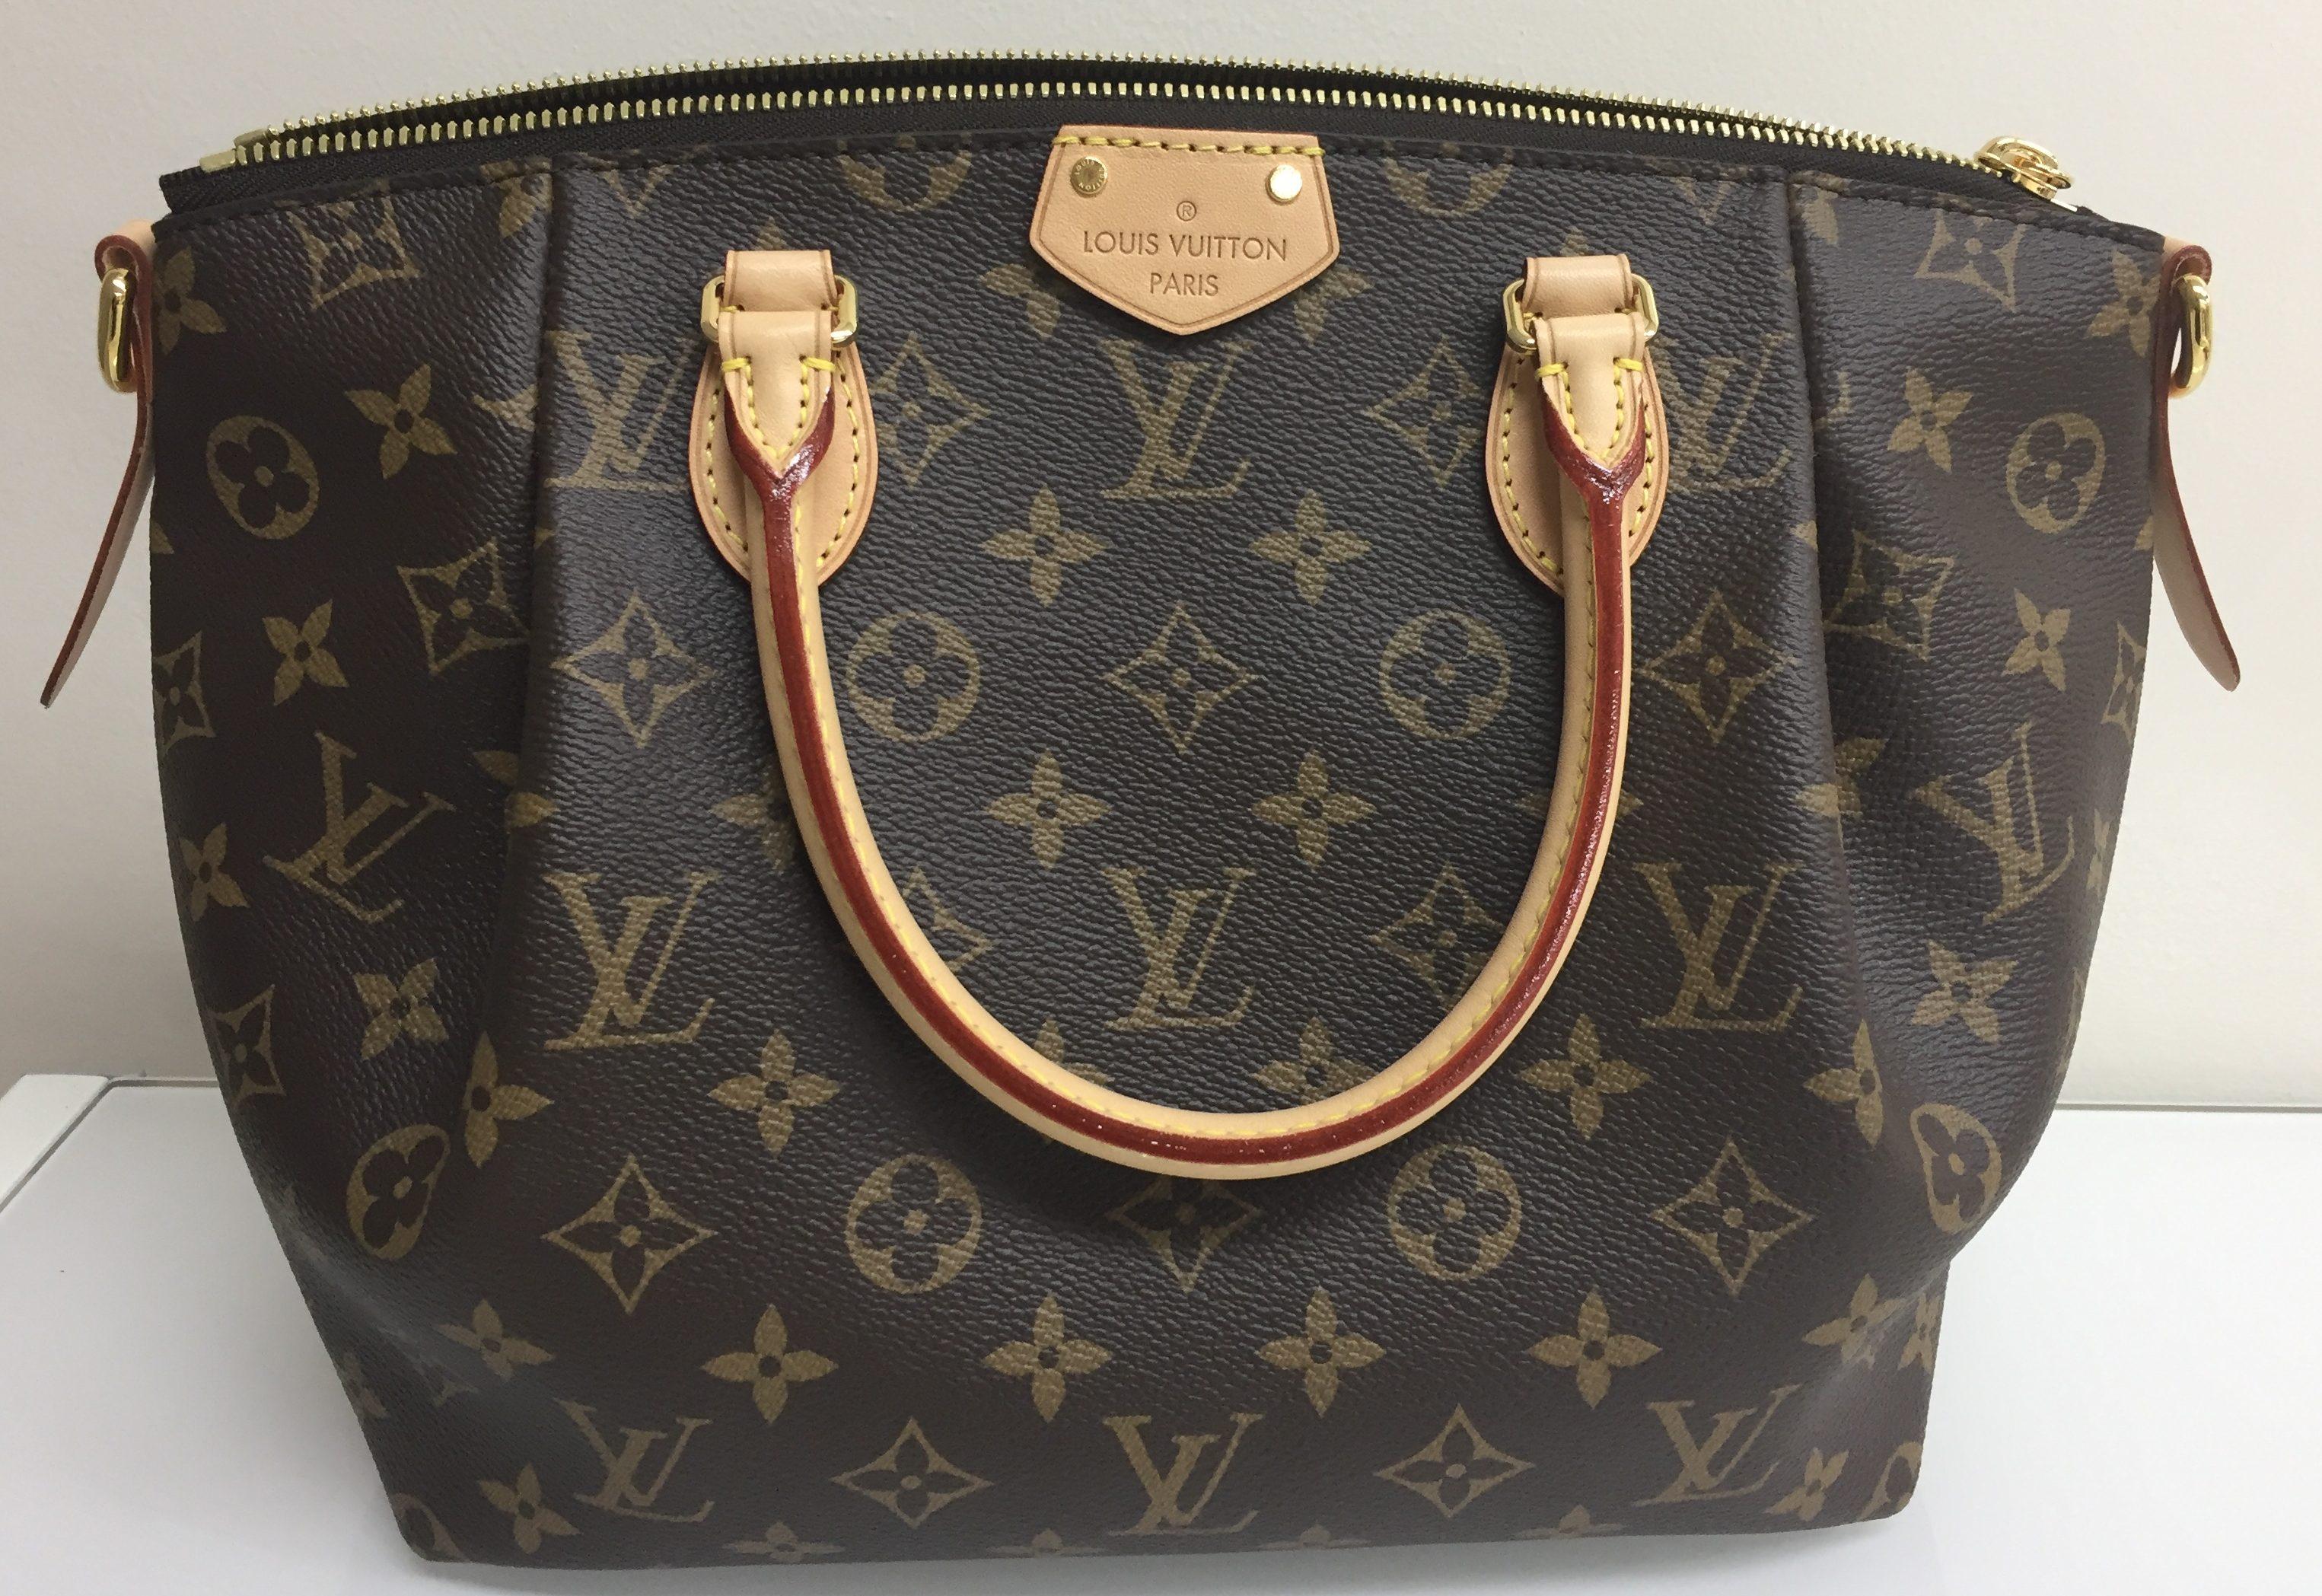 ルイヴィトン ブランド ブランド品 LV Louis Vuitton モノグラム